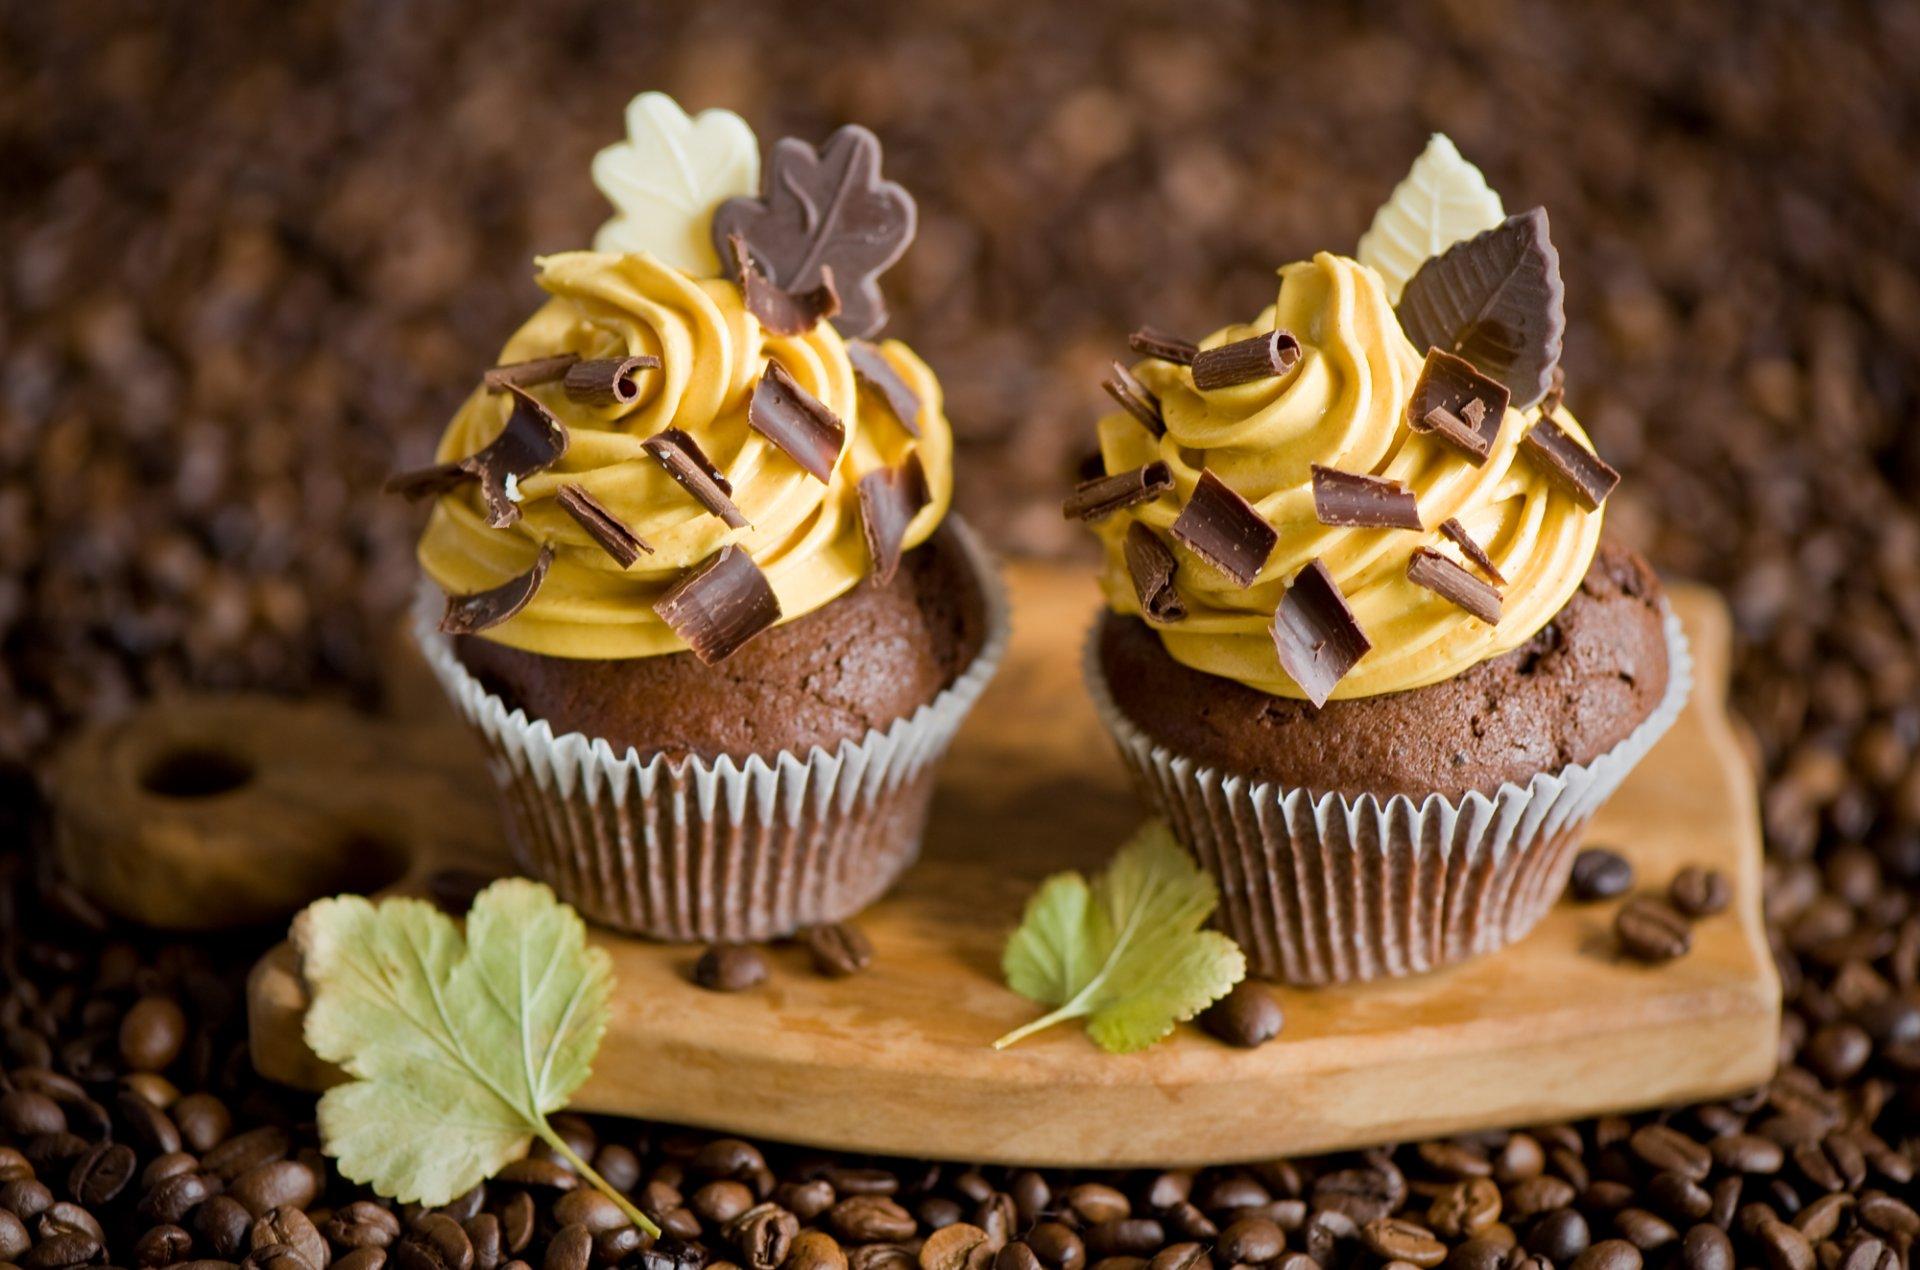 кексы пирожное cupcakes cake  № 132283 загрузить